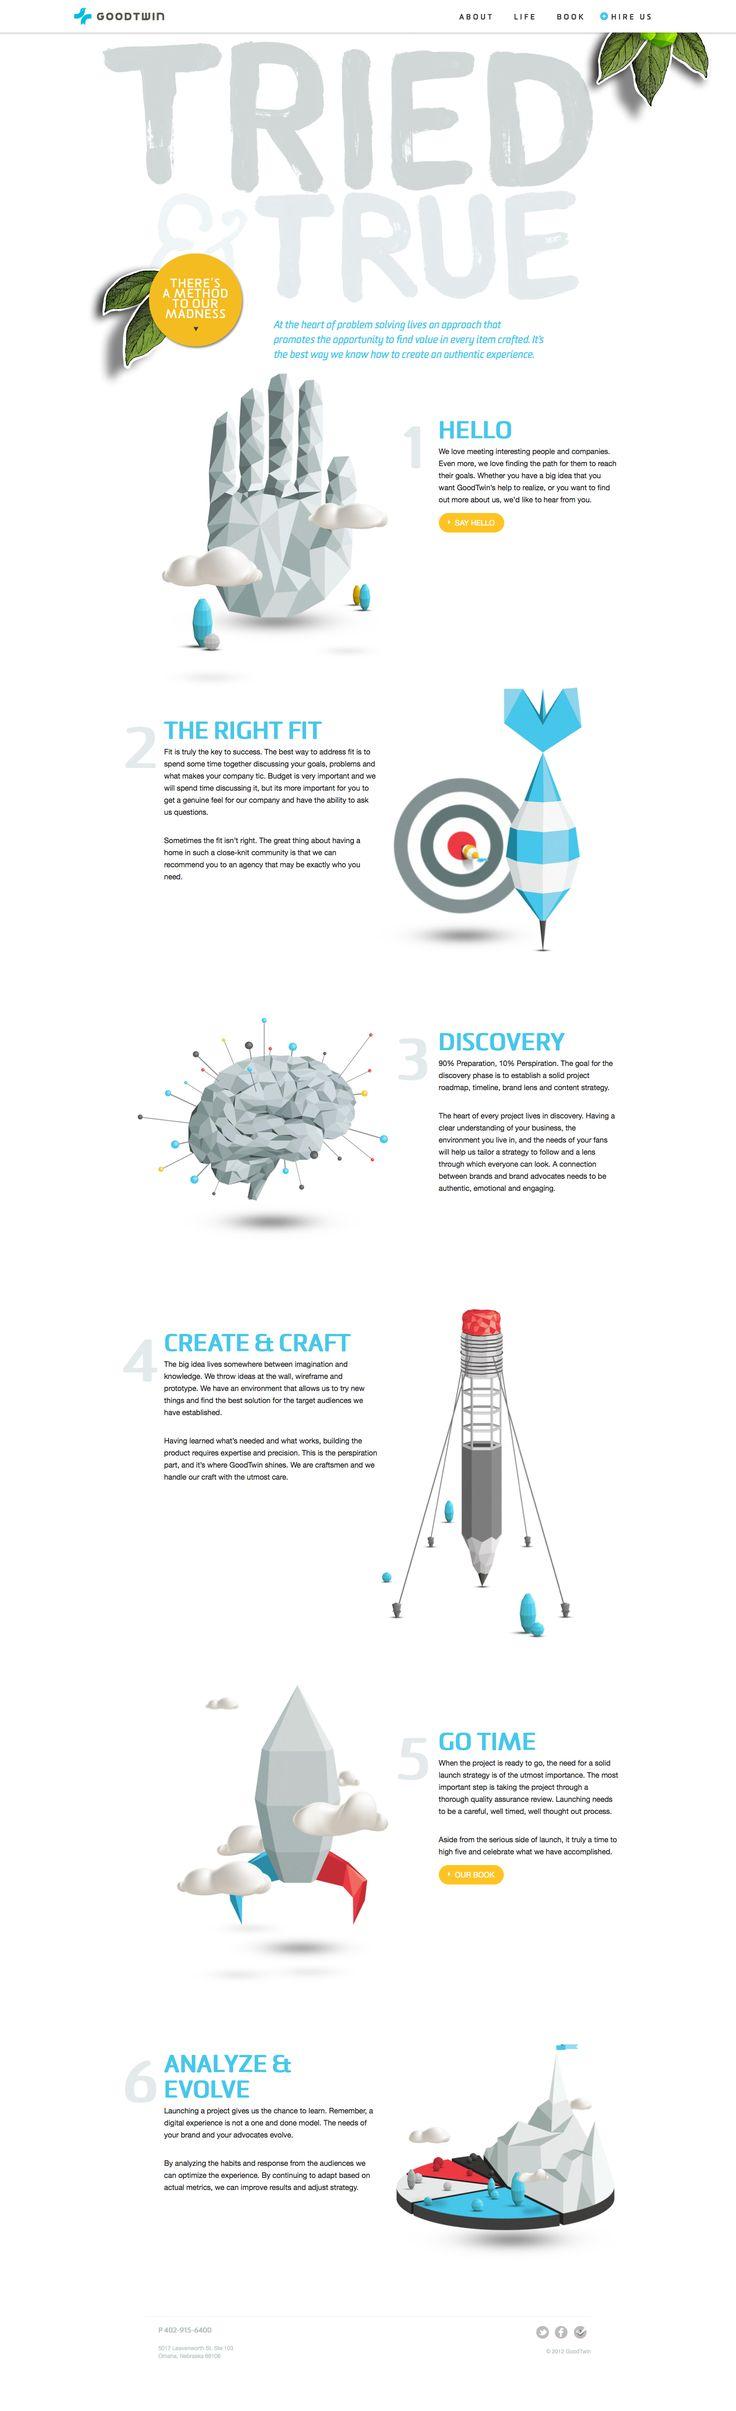 Unique Web Design, GoodTwin via @franpolito #WebDesign #Design